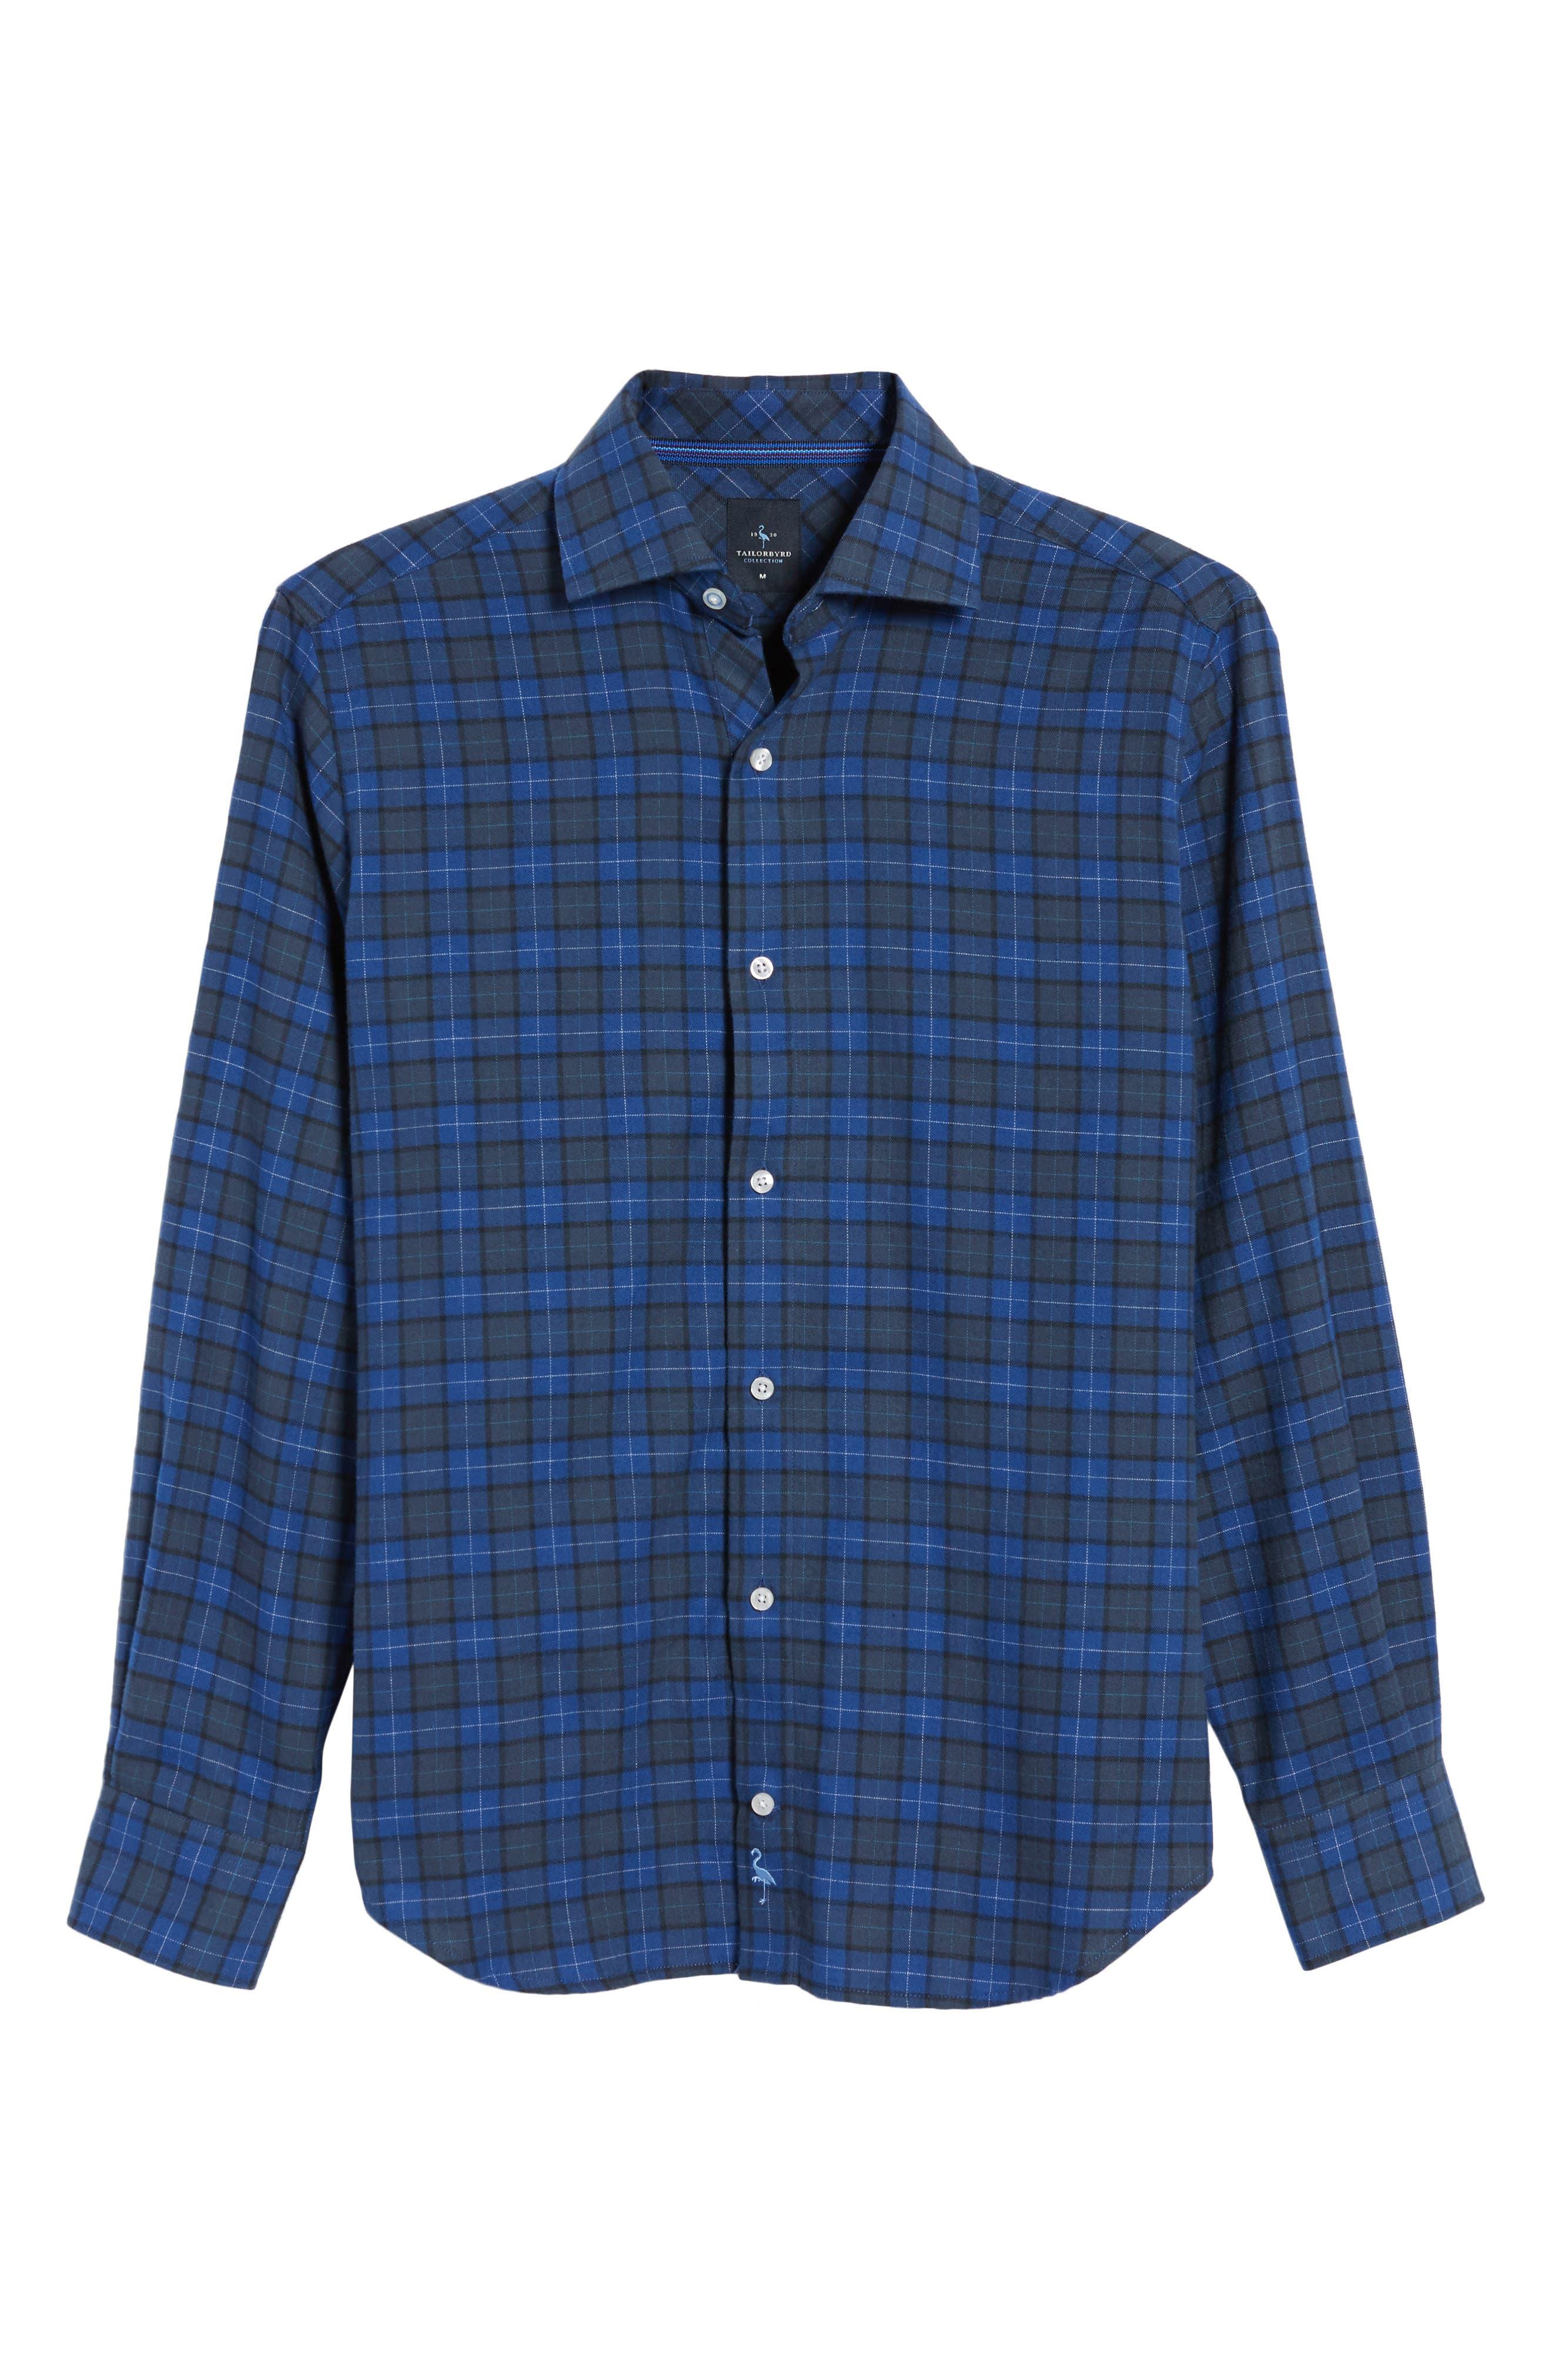 Cankton Plaid Sport Shirt,                             Alternate thumbnail 6, color,                             400